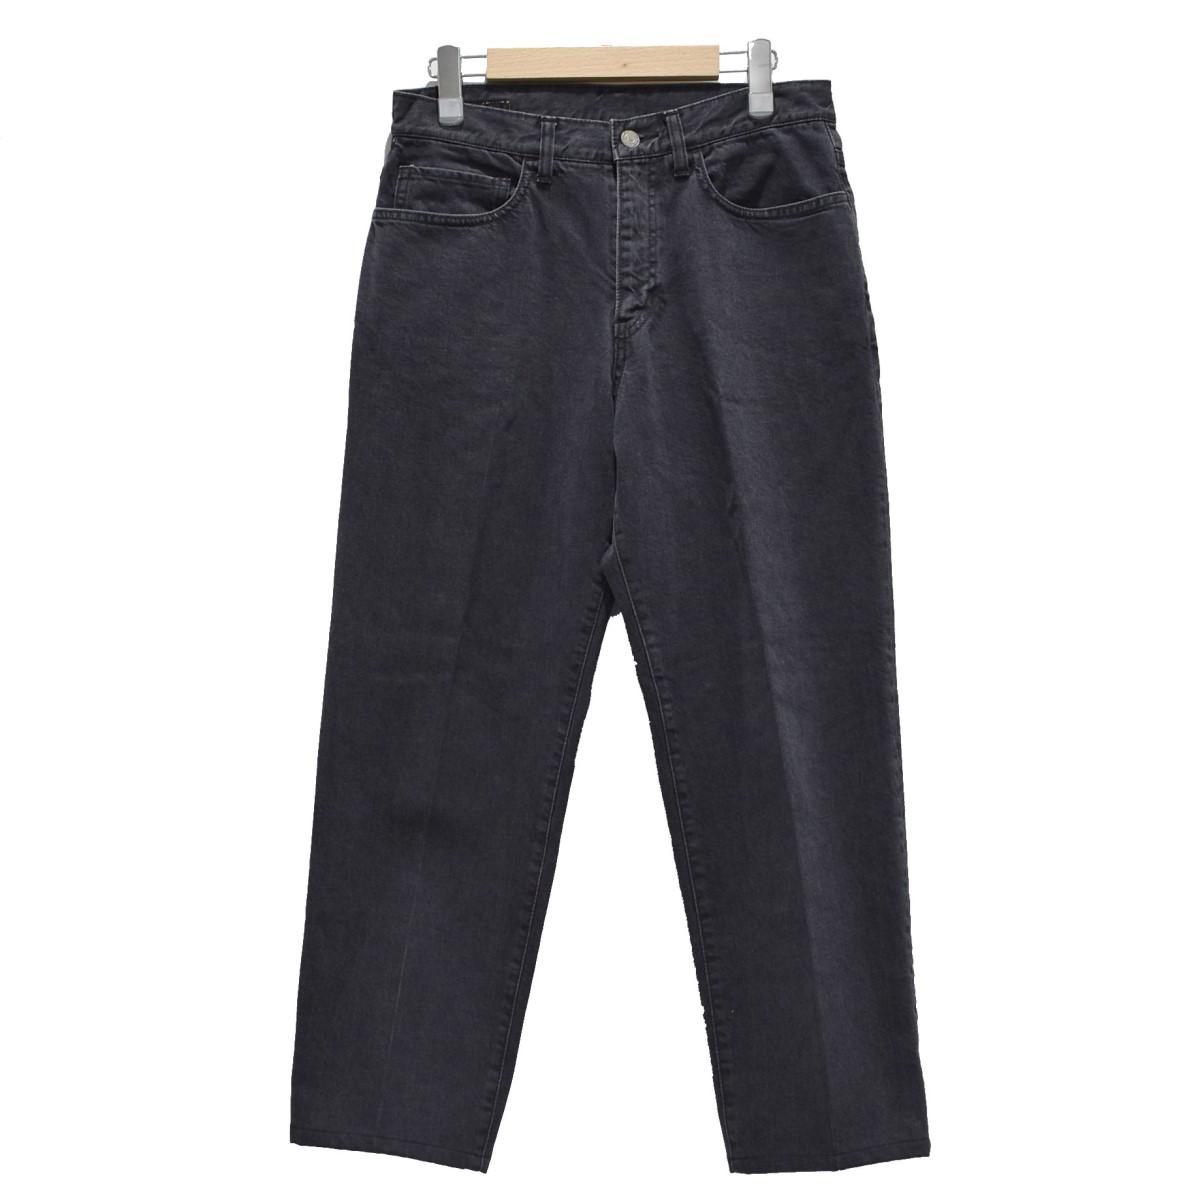 【中古】phingerin JT2 JEANS デニムパンツ ブラック サイズ:S 【111219】(フィンガリン)